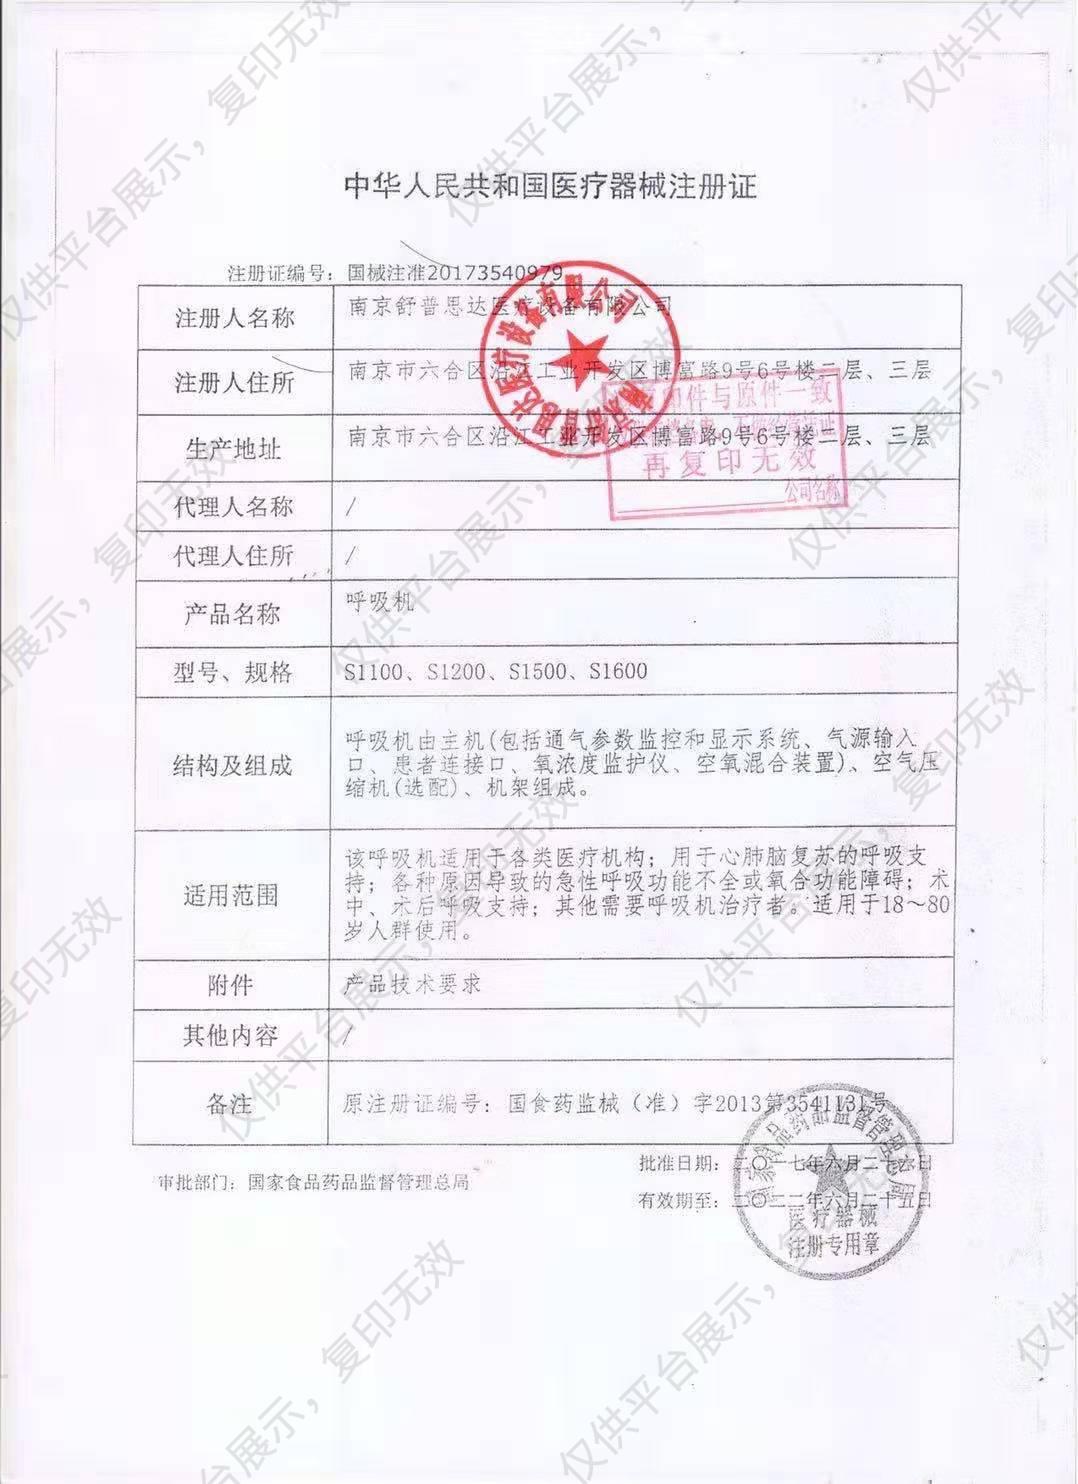 舒普思达 呼吸机S1100注册证